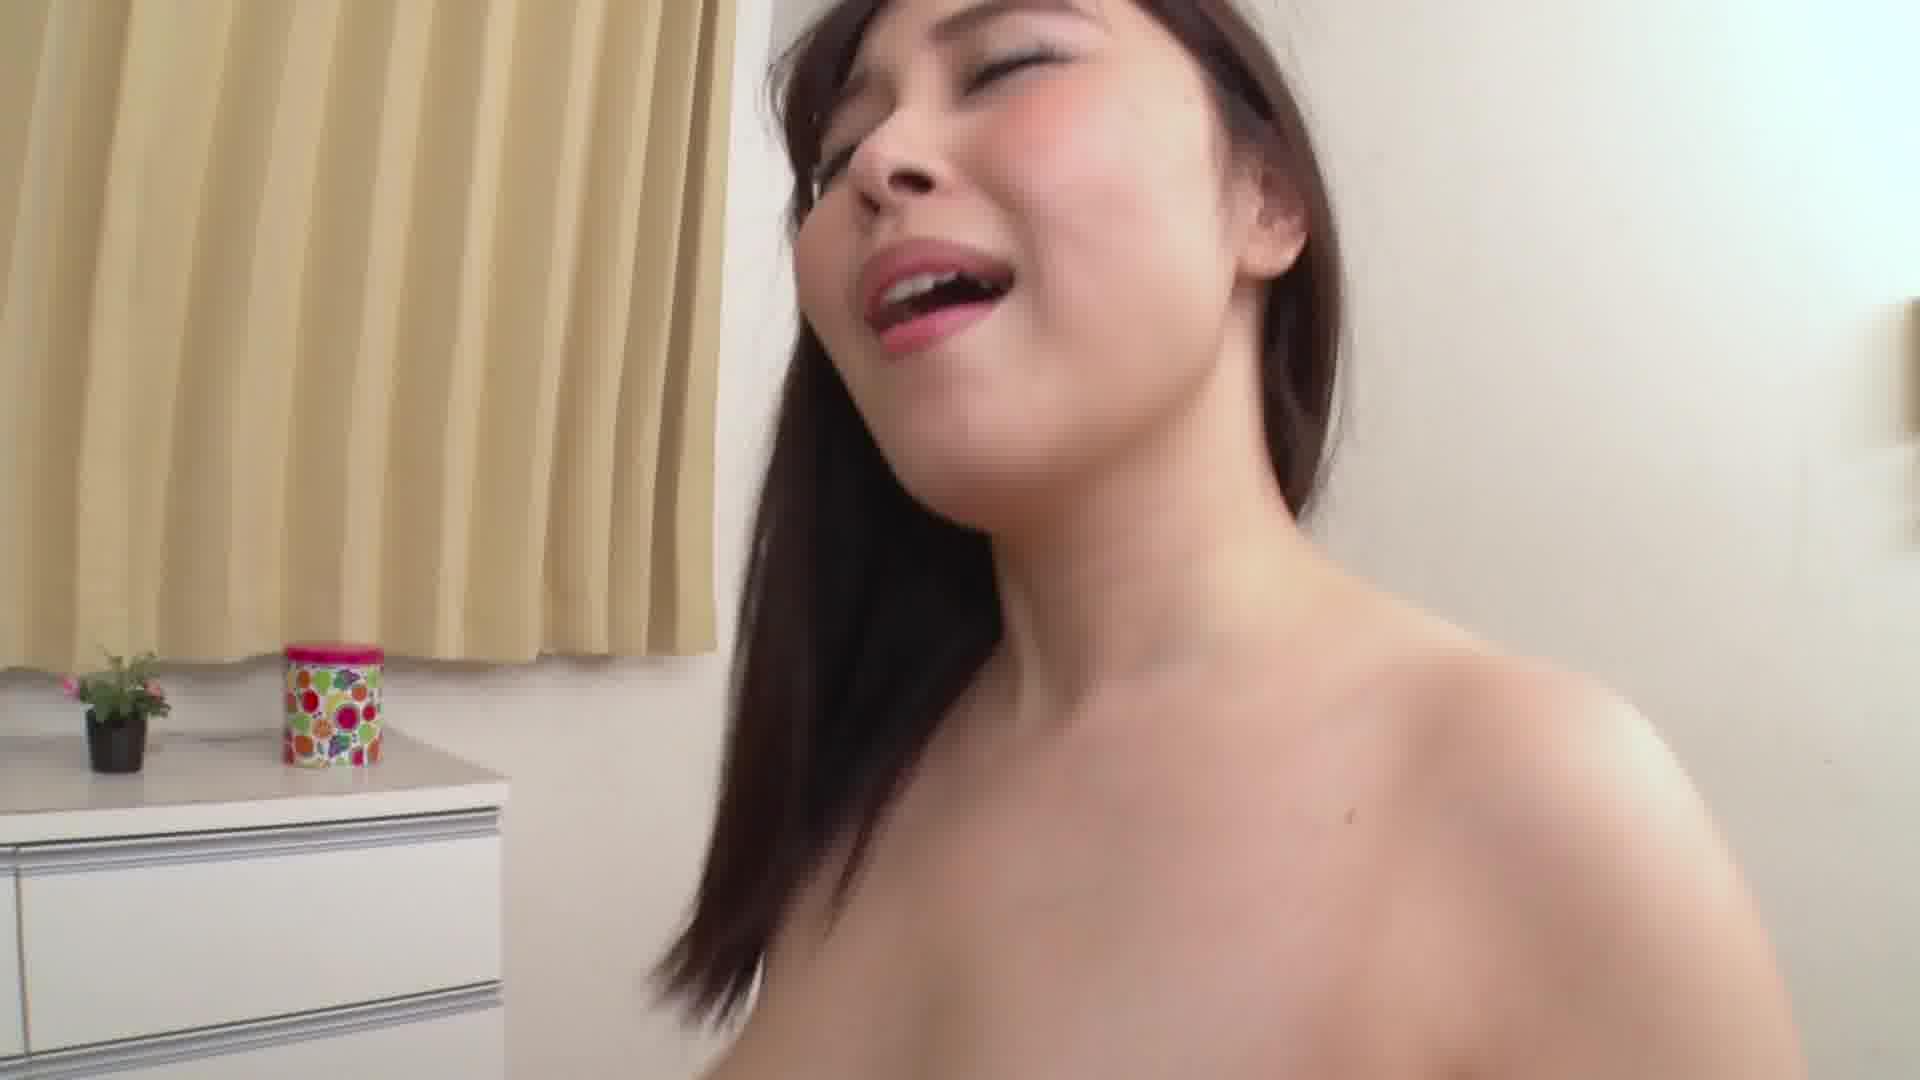 私のセックスを見てください!い~っぱい顔面射精してください!2 - 小川桃果【痴女・乱交・ボンテージ】